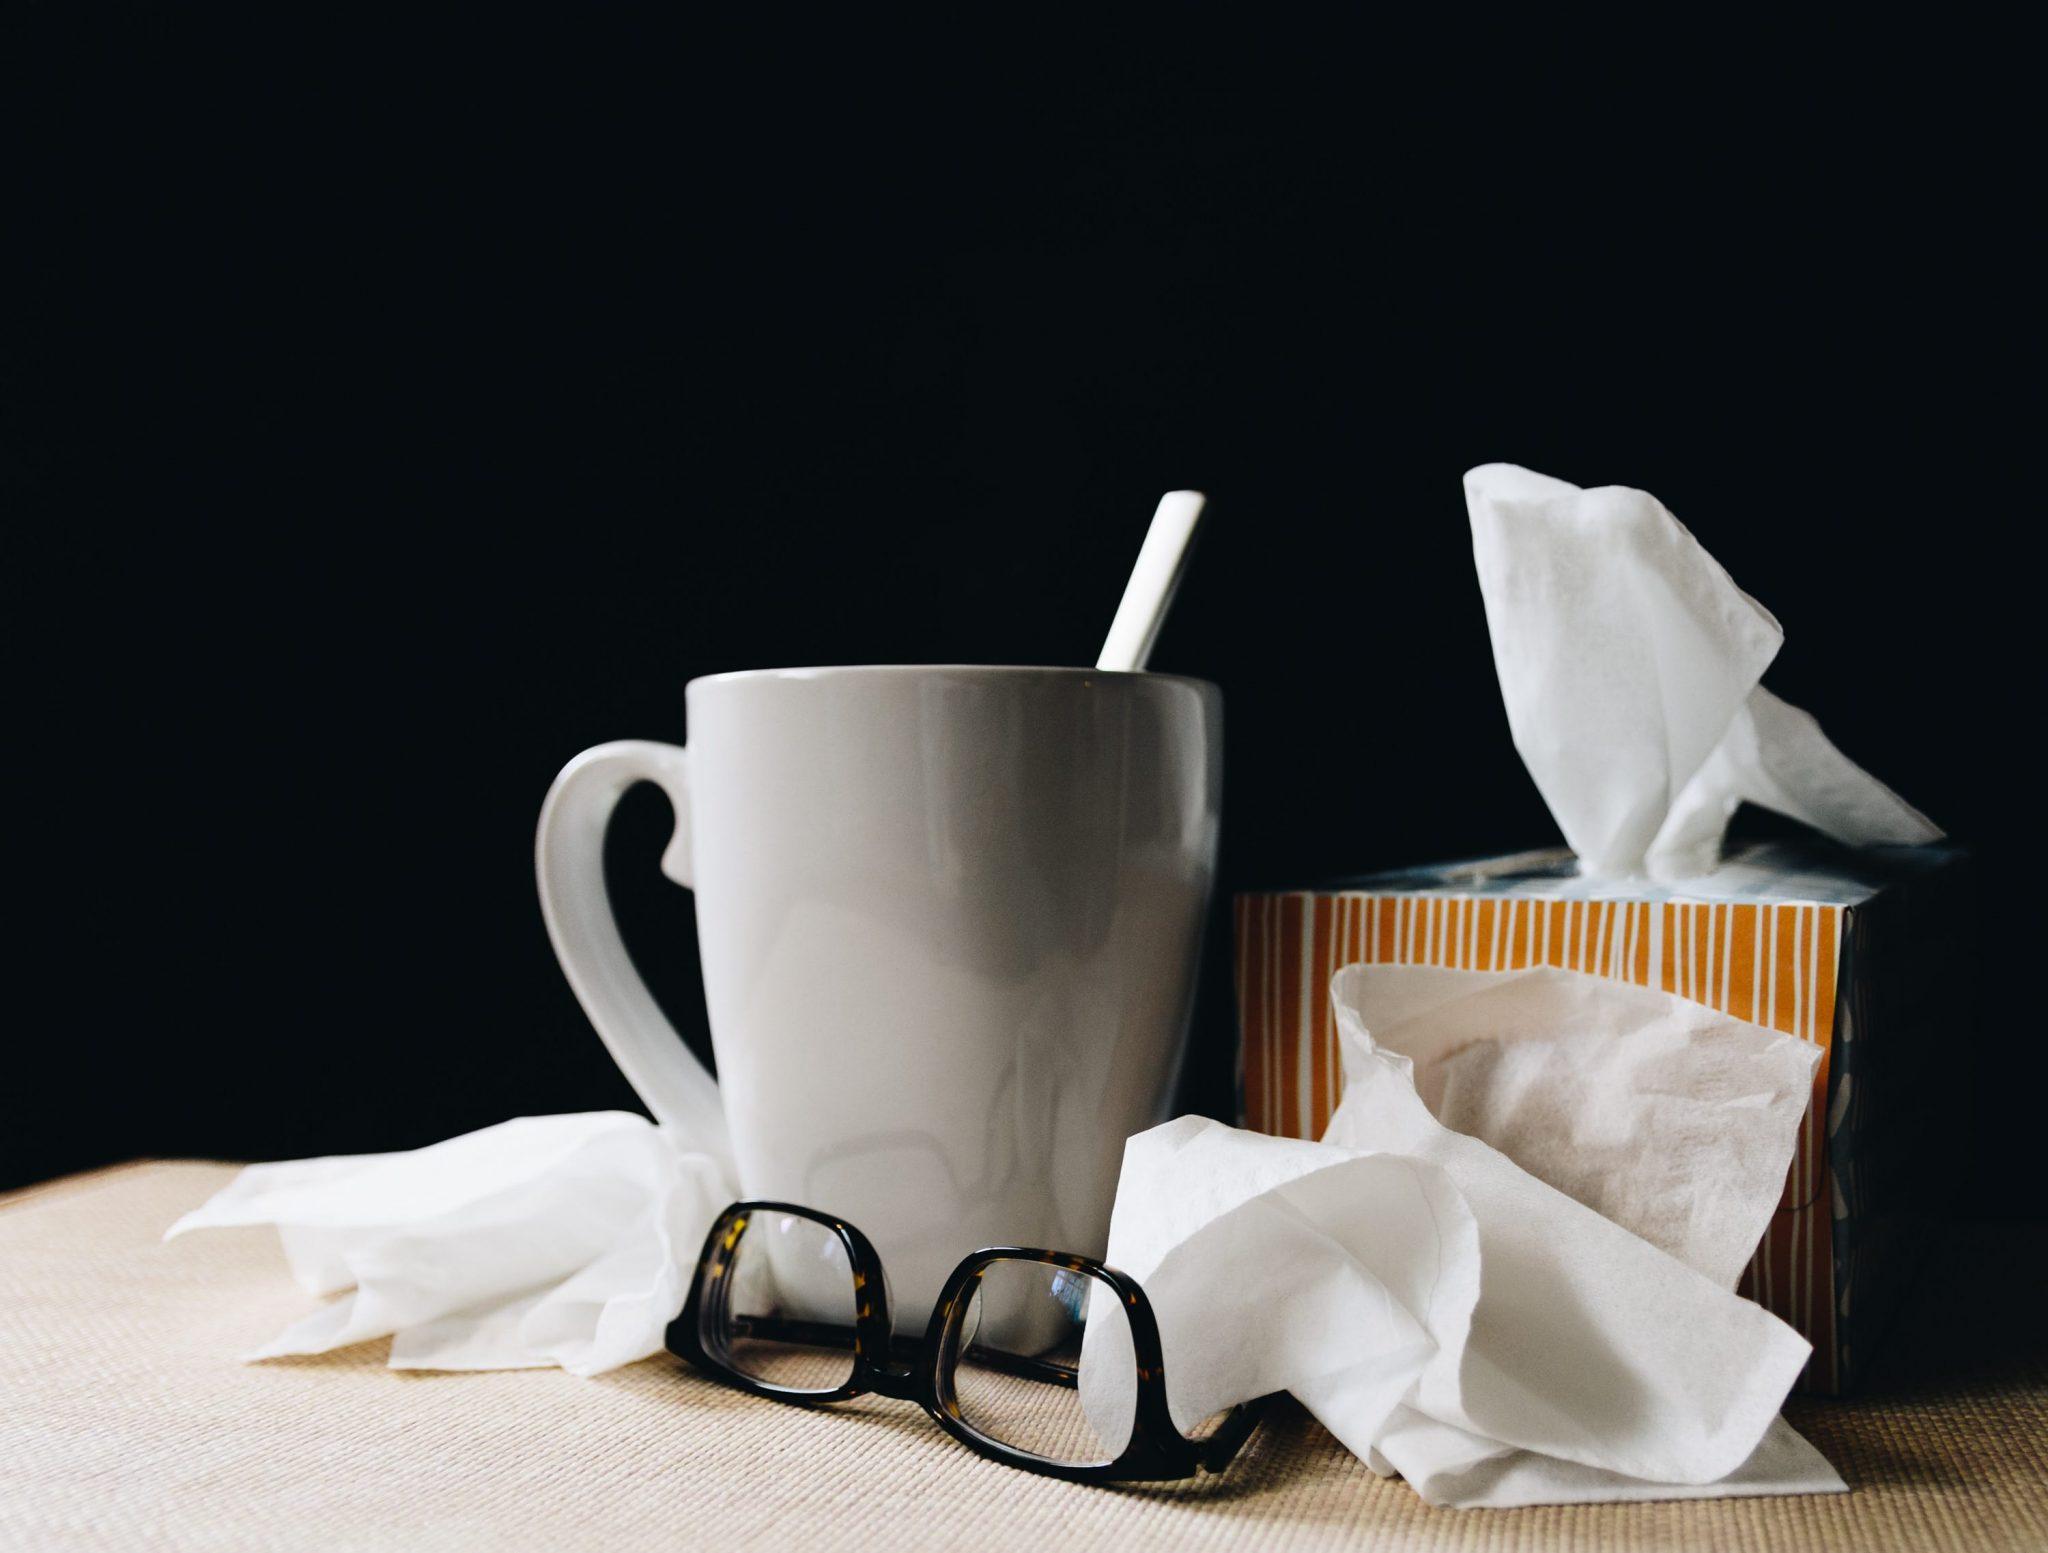 מה קורה כשעצמאי חולה? איך מתמודדים ואולי זה בכלל לטובה? הכל במאמר הקבוע שלי